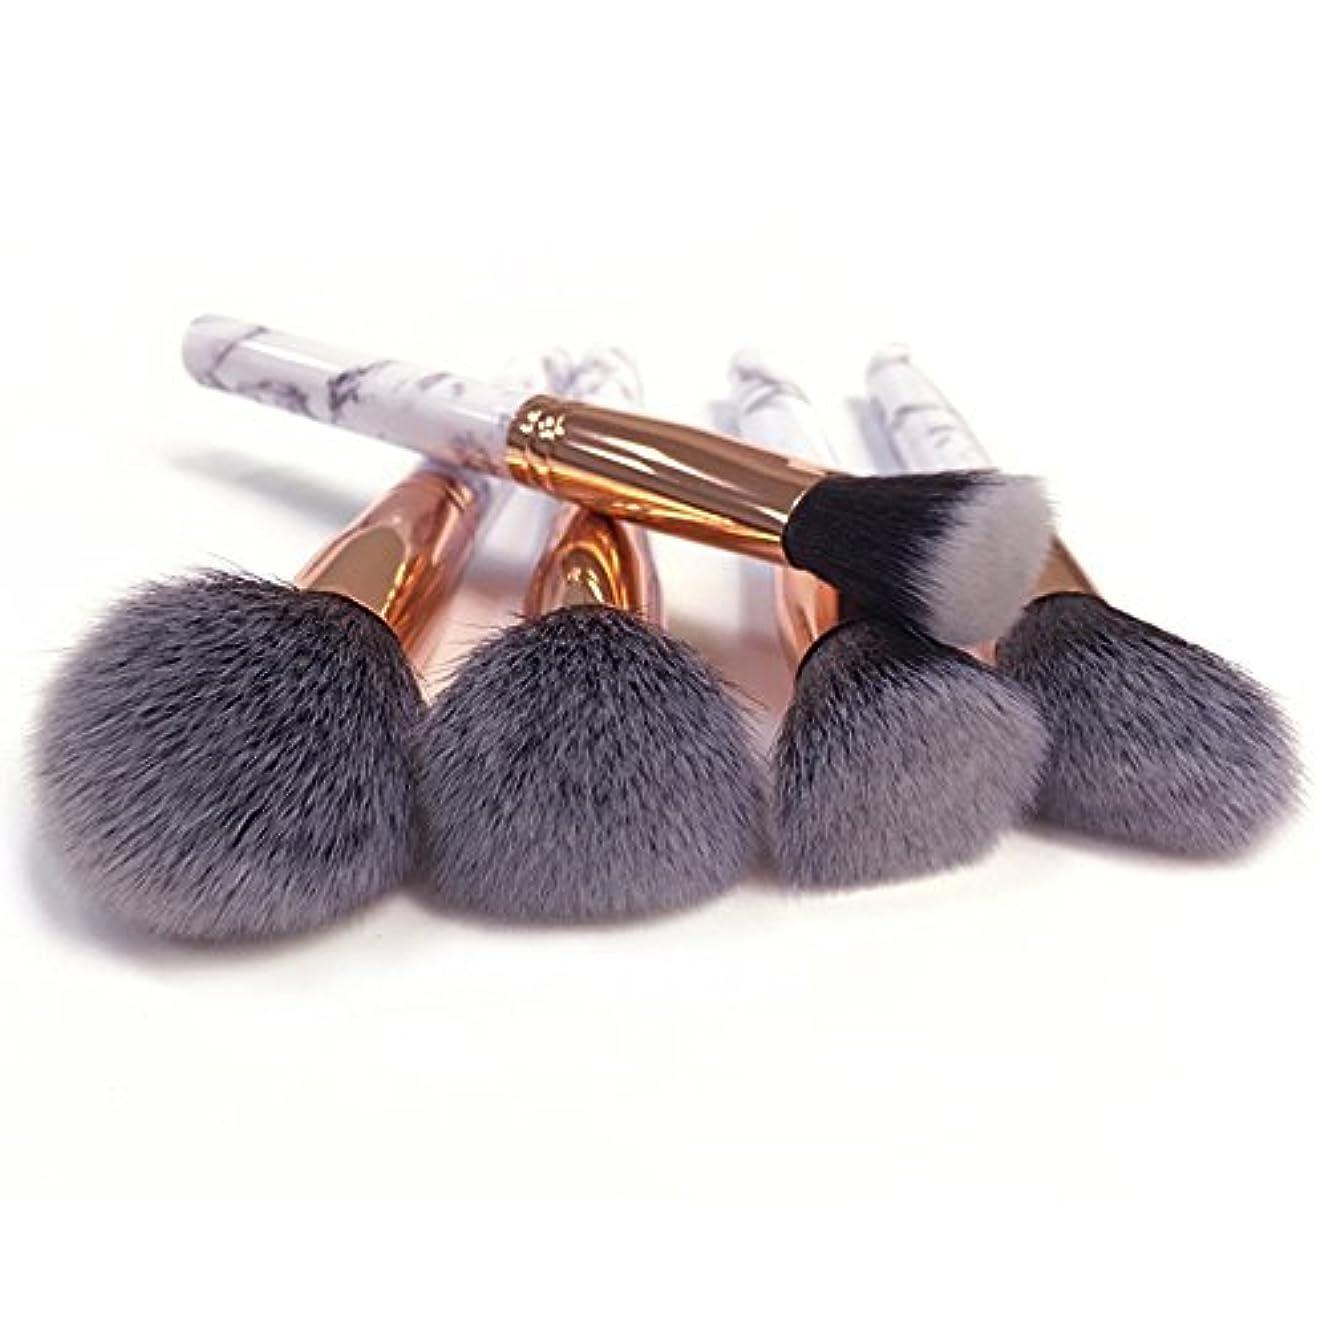 モニター障害波Akane 10本 大理石紋 超気質的 セート 多機能 柔らかい たっぷり 高級 優雅 綺麗 魅力 上等な使用感 激安 日常 仕事 おしゃれ Makeup Brush メイクアップブラシ